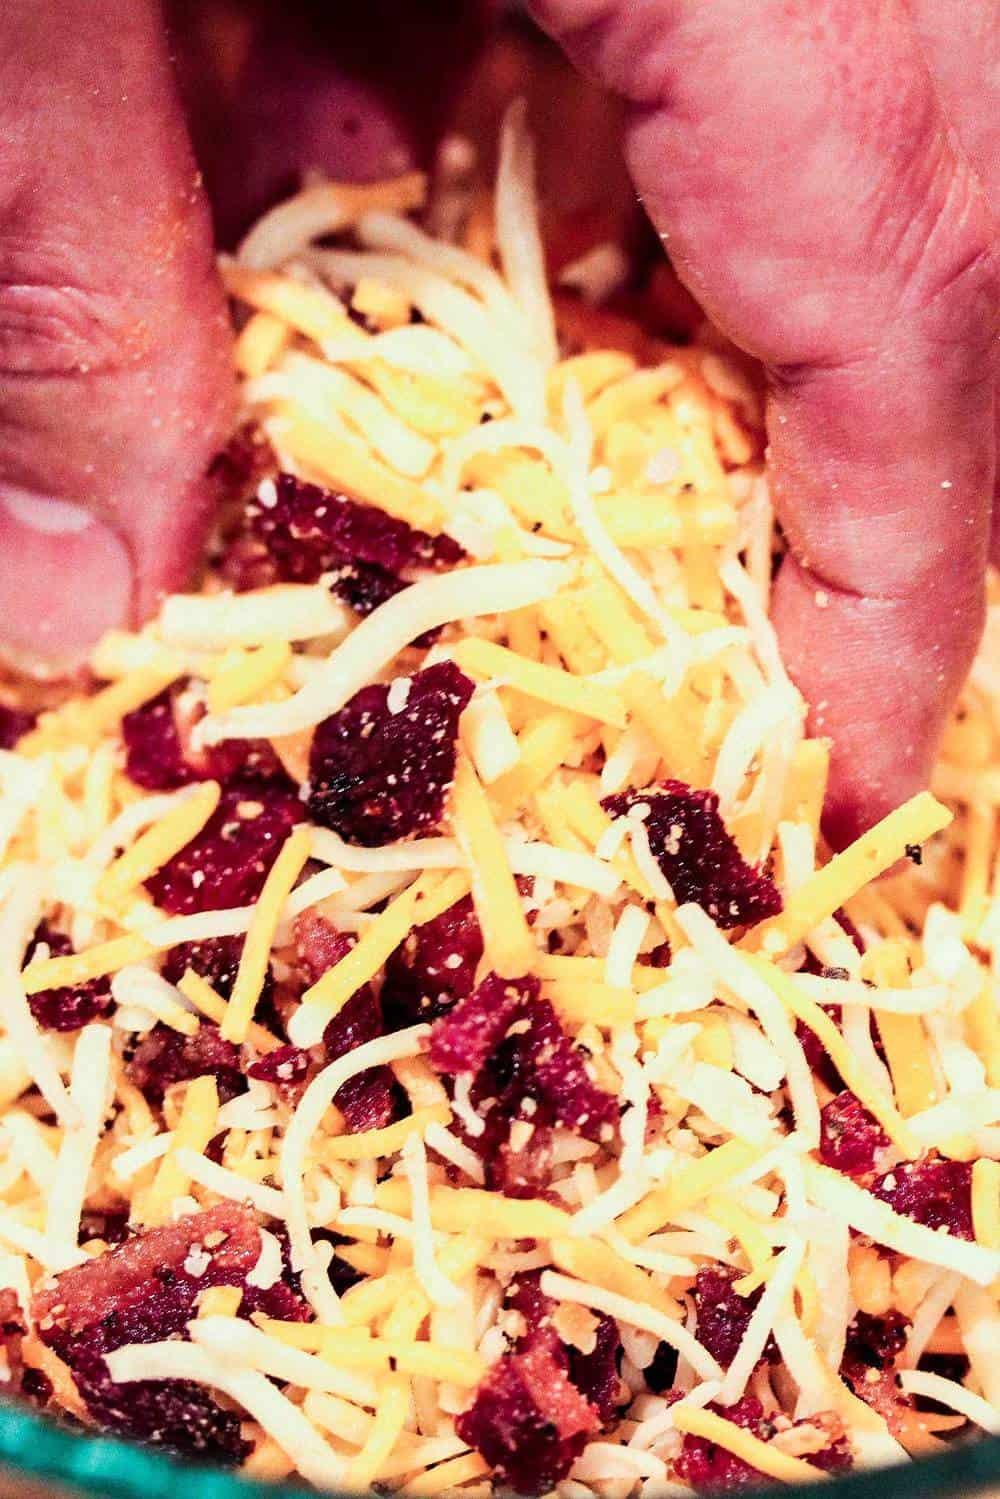 Stuffing a jalapeño for a jalapeño popper